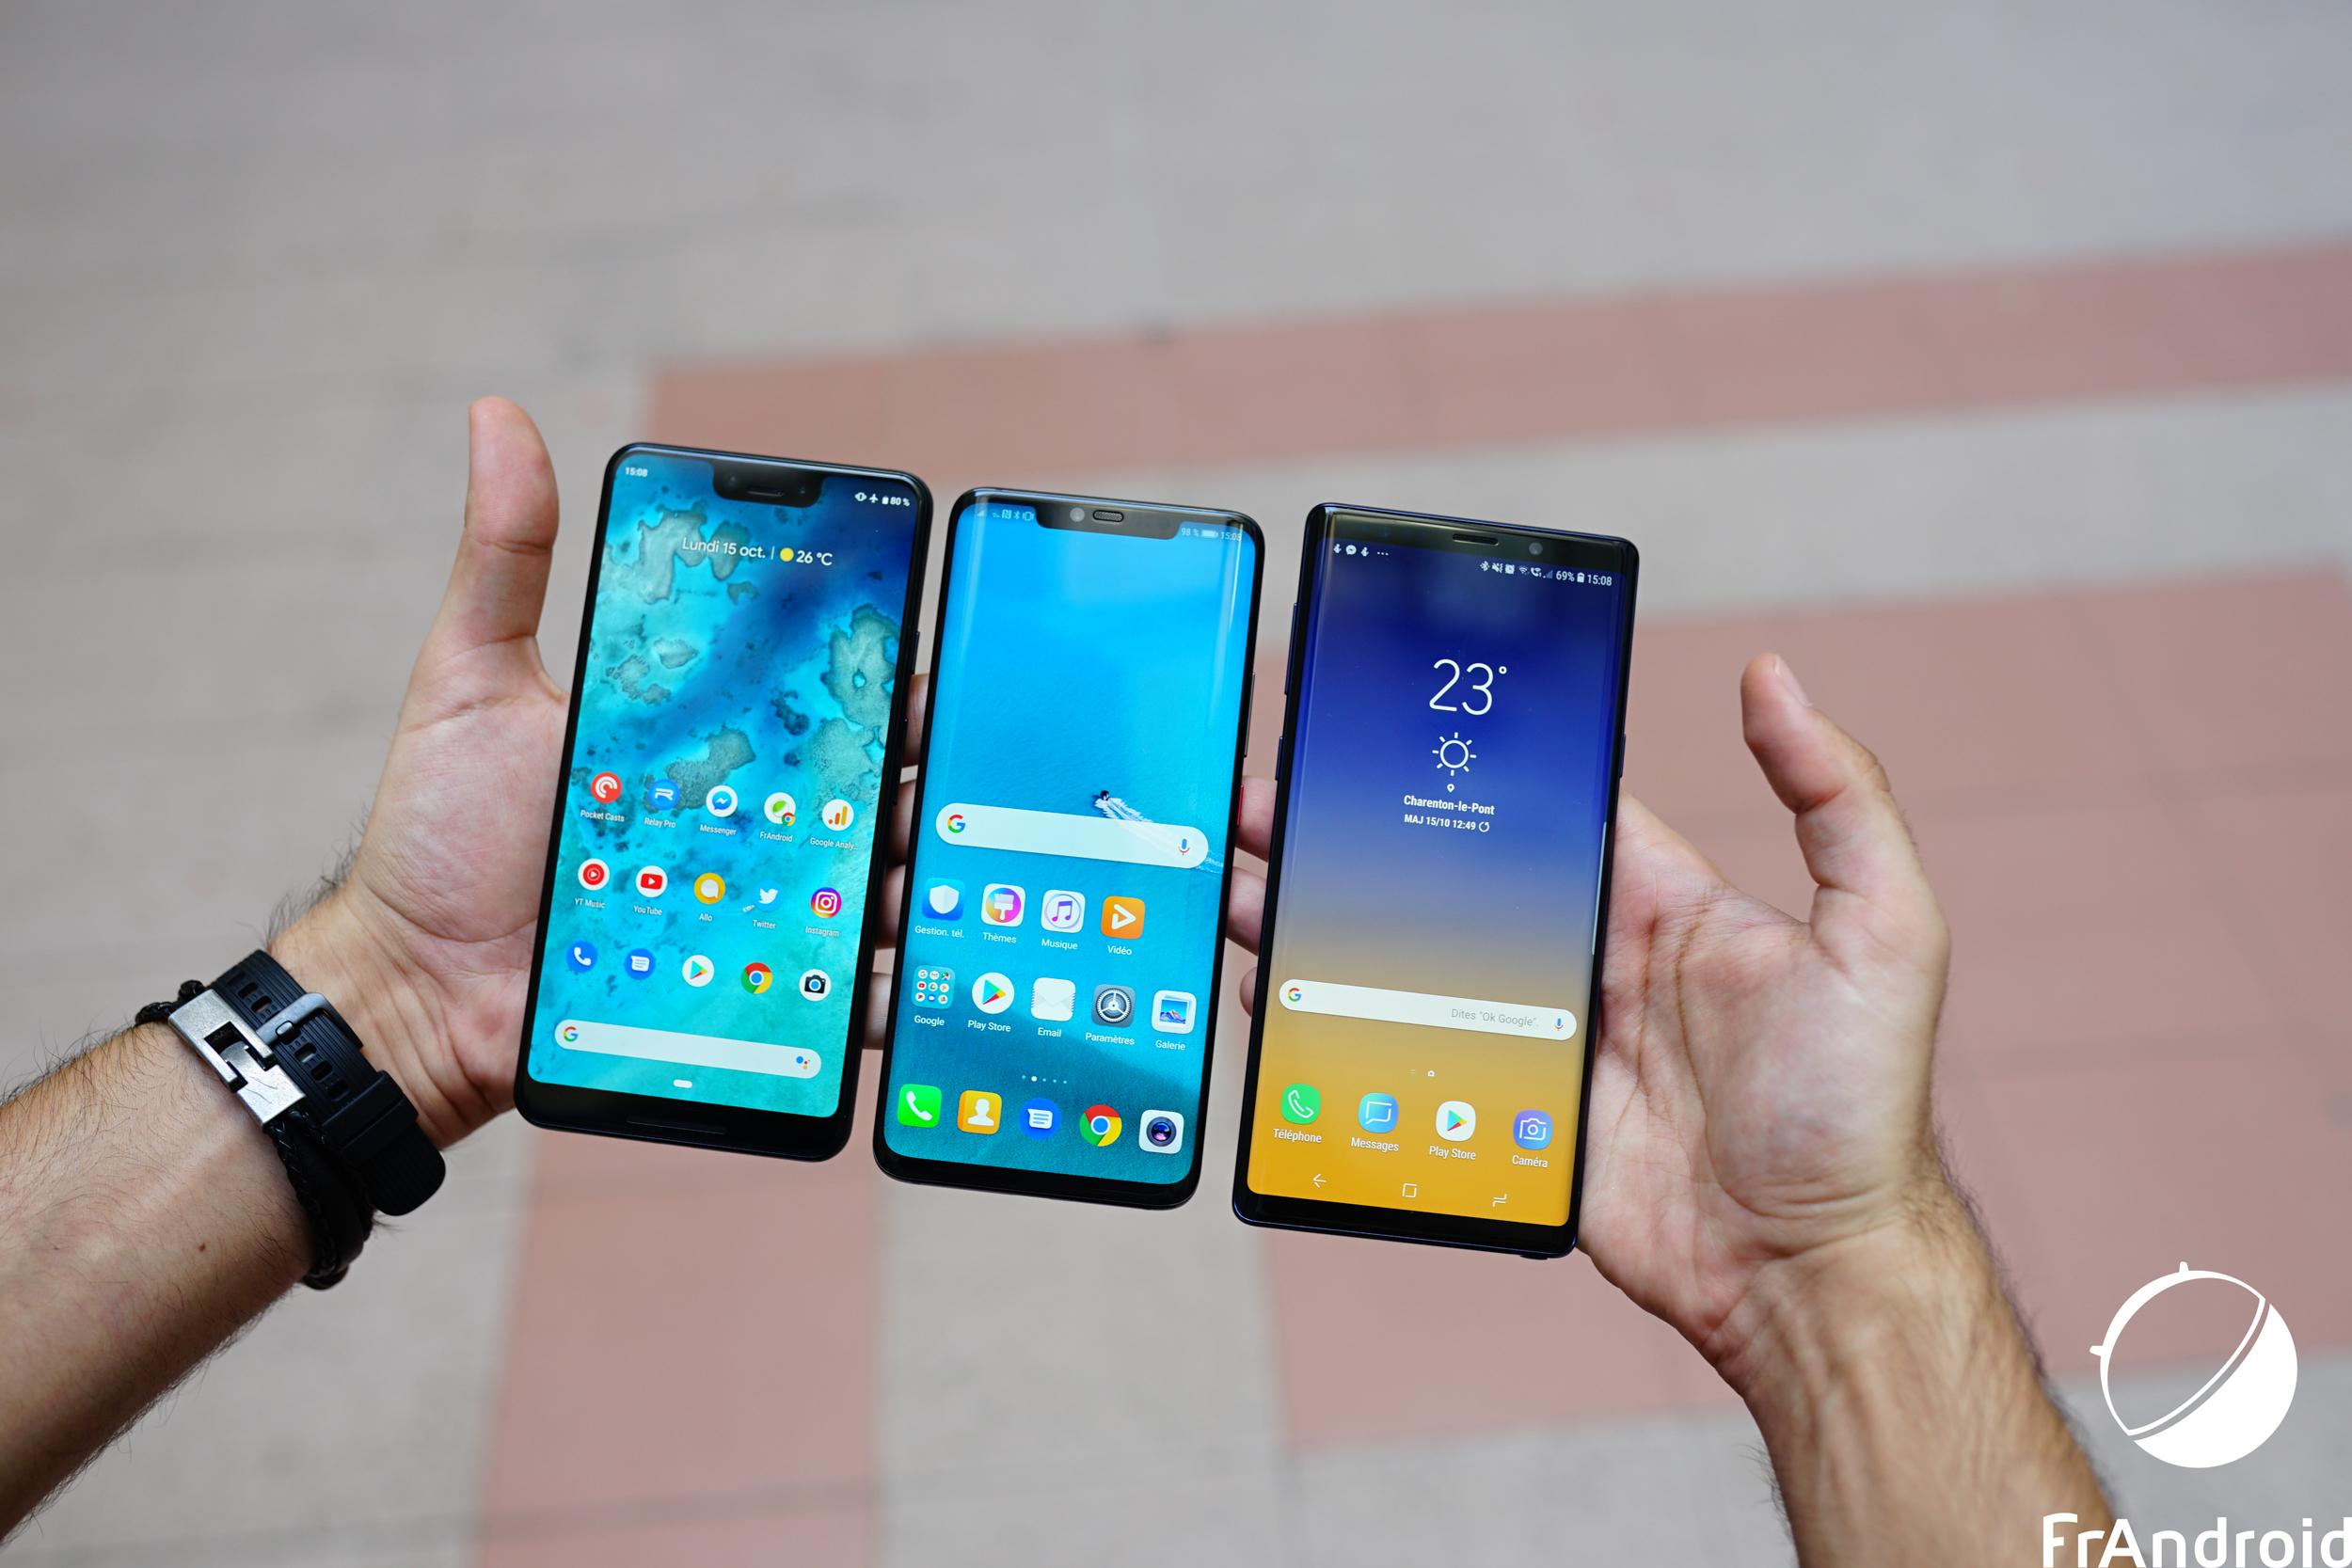 Comment sont testés les smartphones chez Frandroid ?